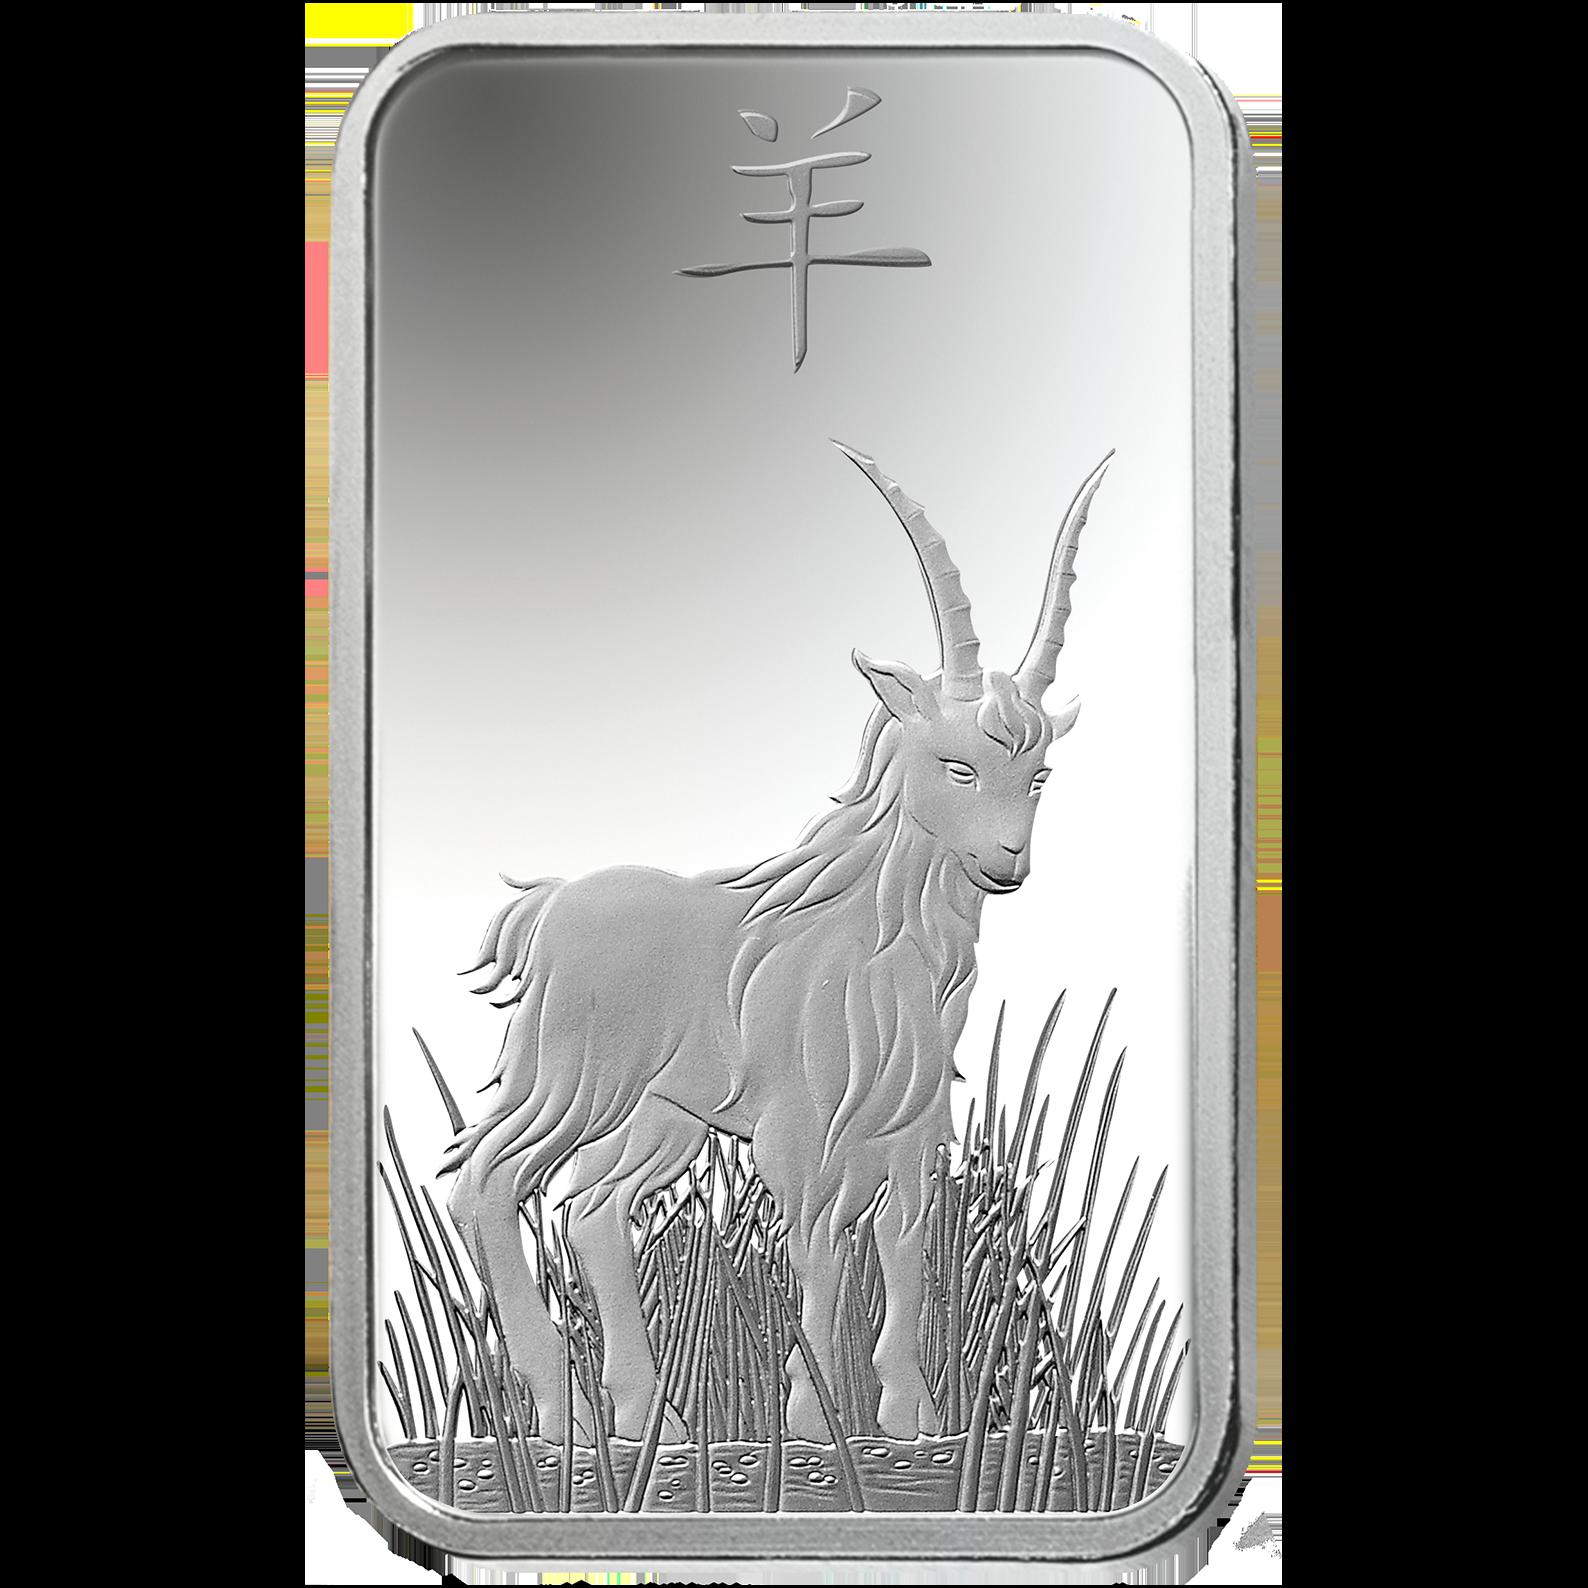 Lingotin d'argent de 1 once pur 999.0 - PAMP Suisse Lunar Chèvre